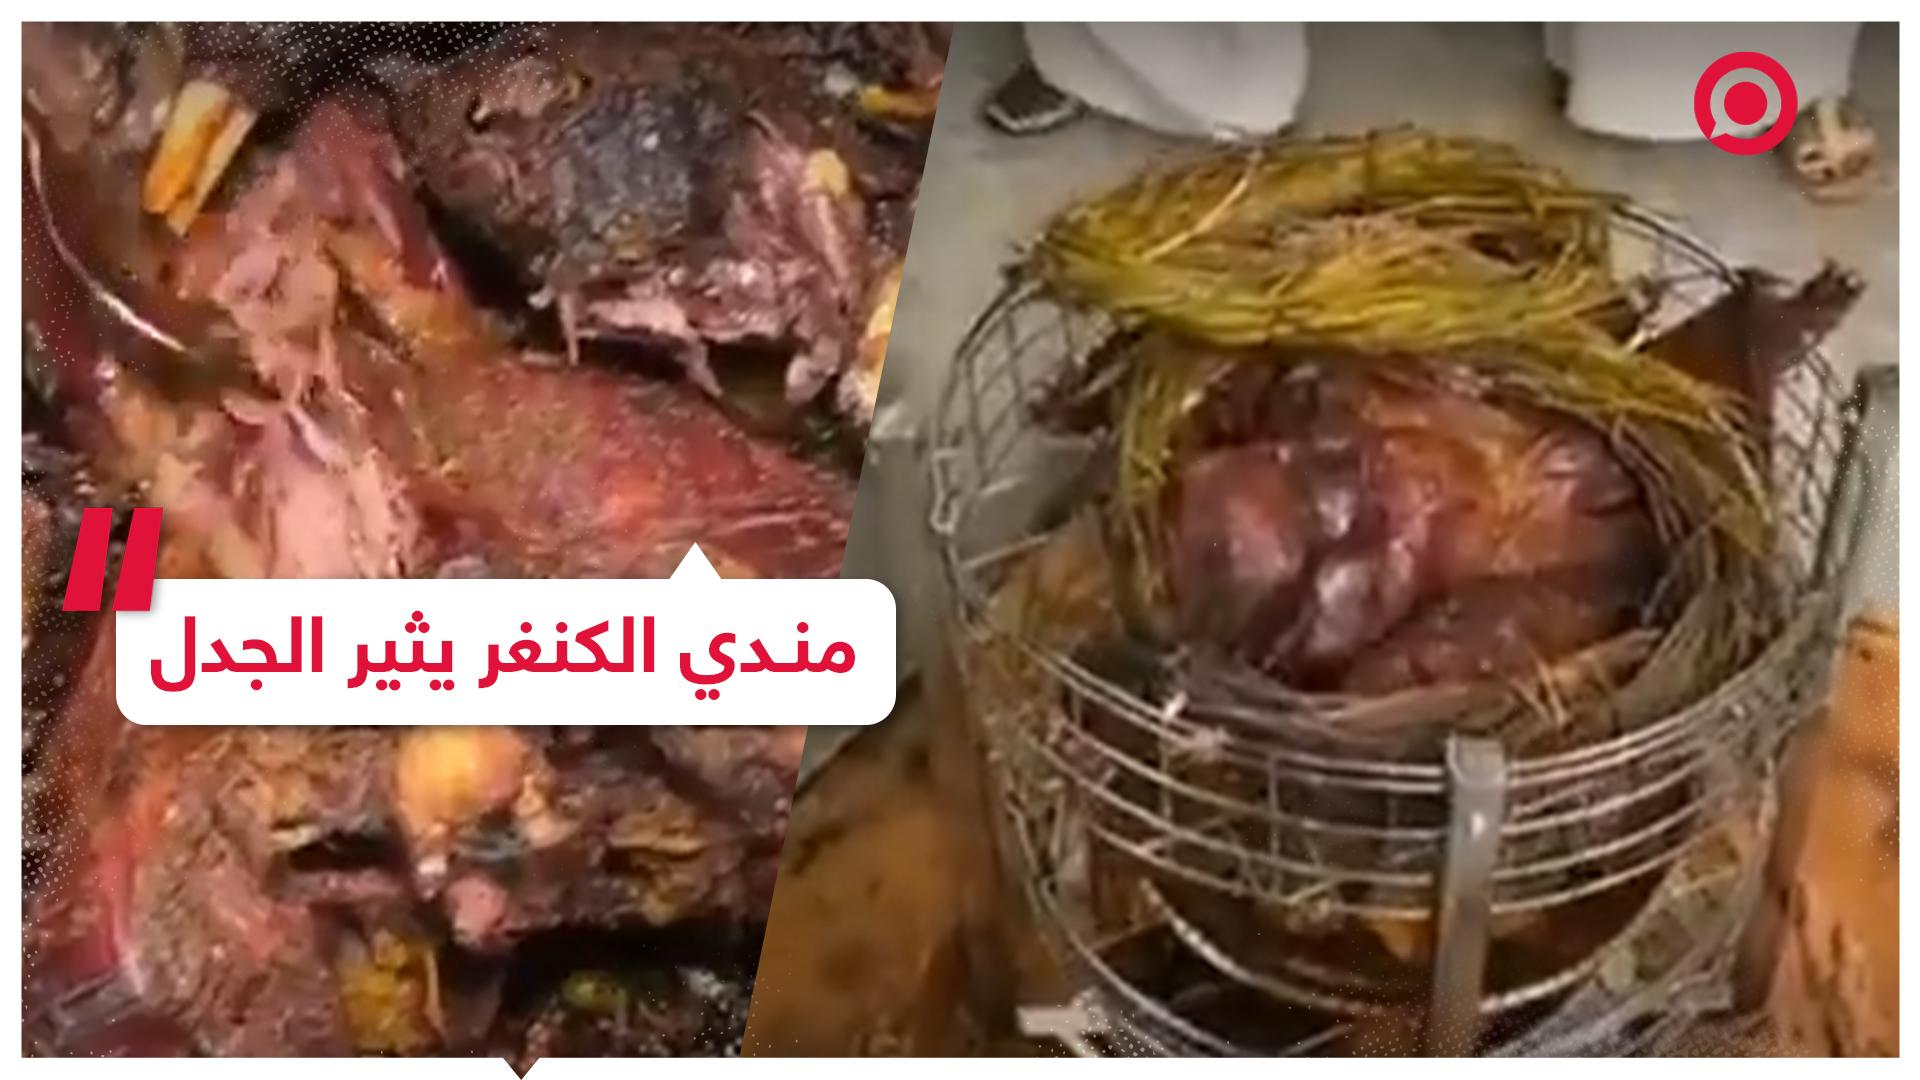 سعوديون يطبخون المندي بلحم الكنغر